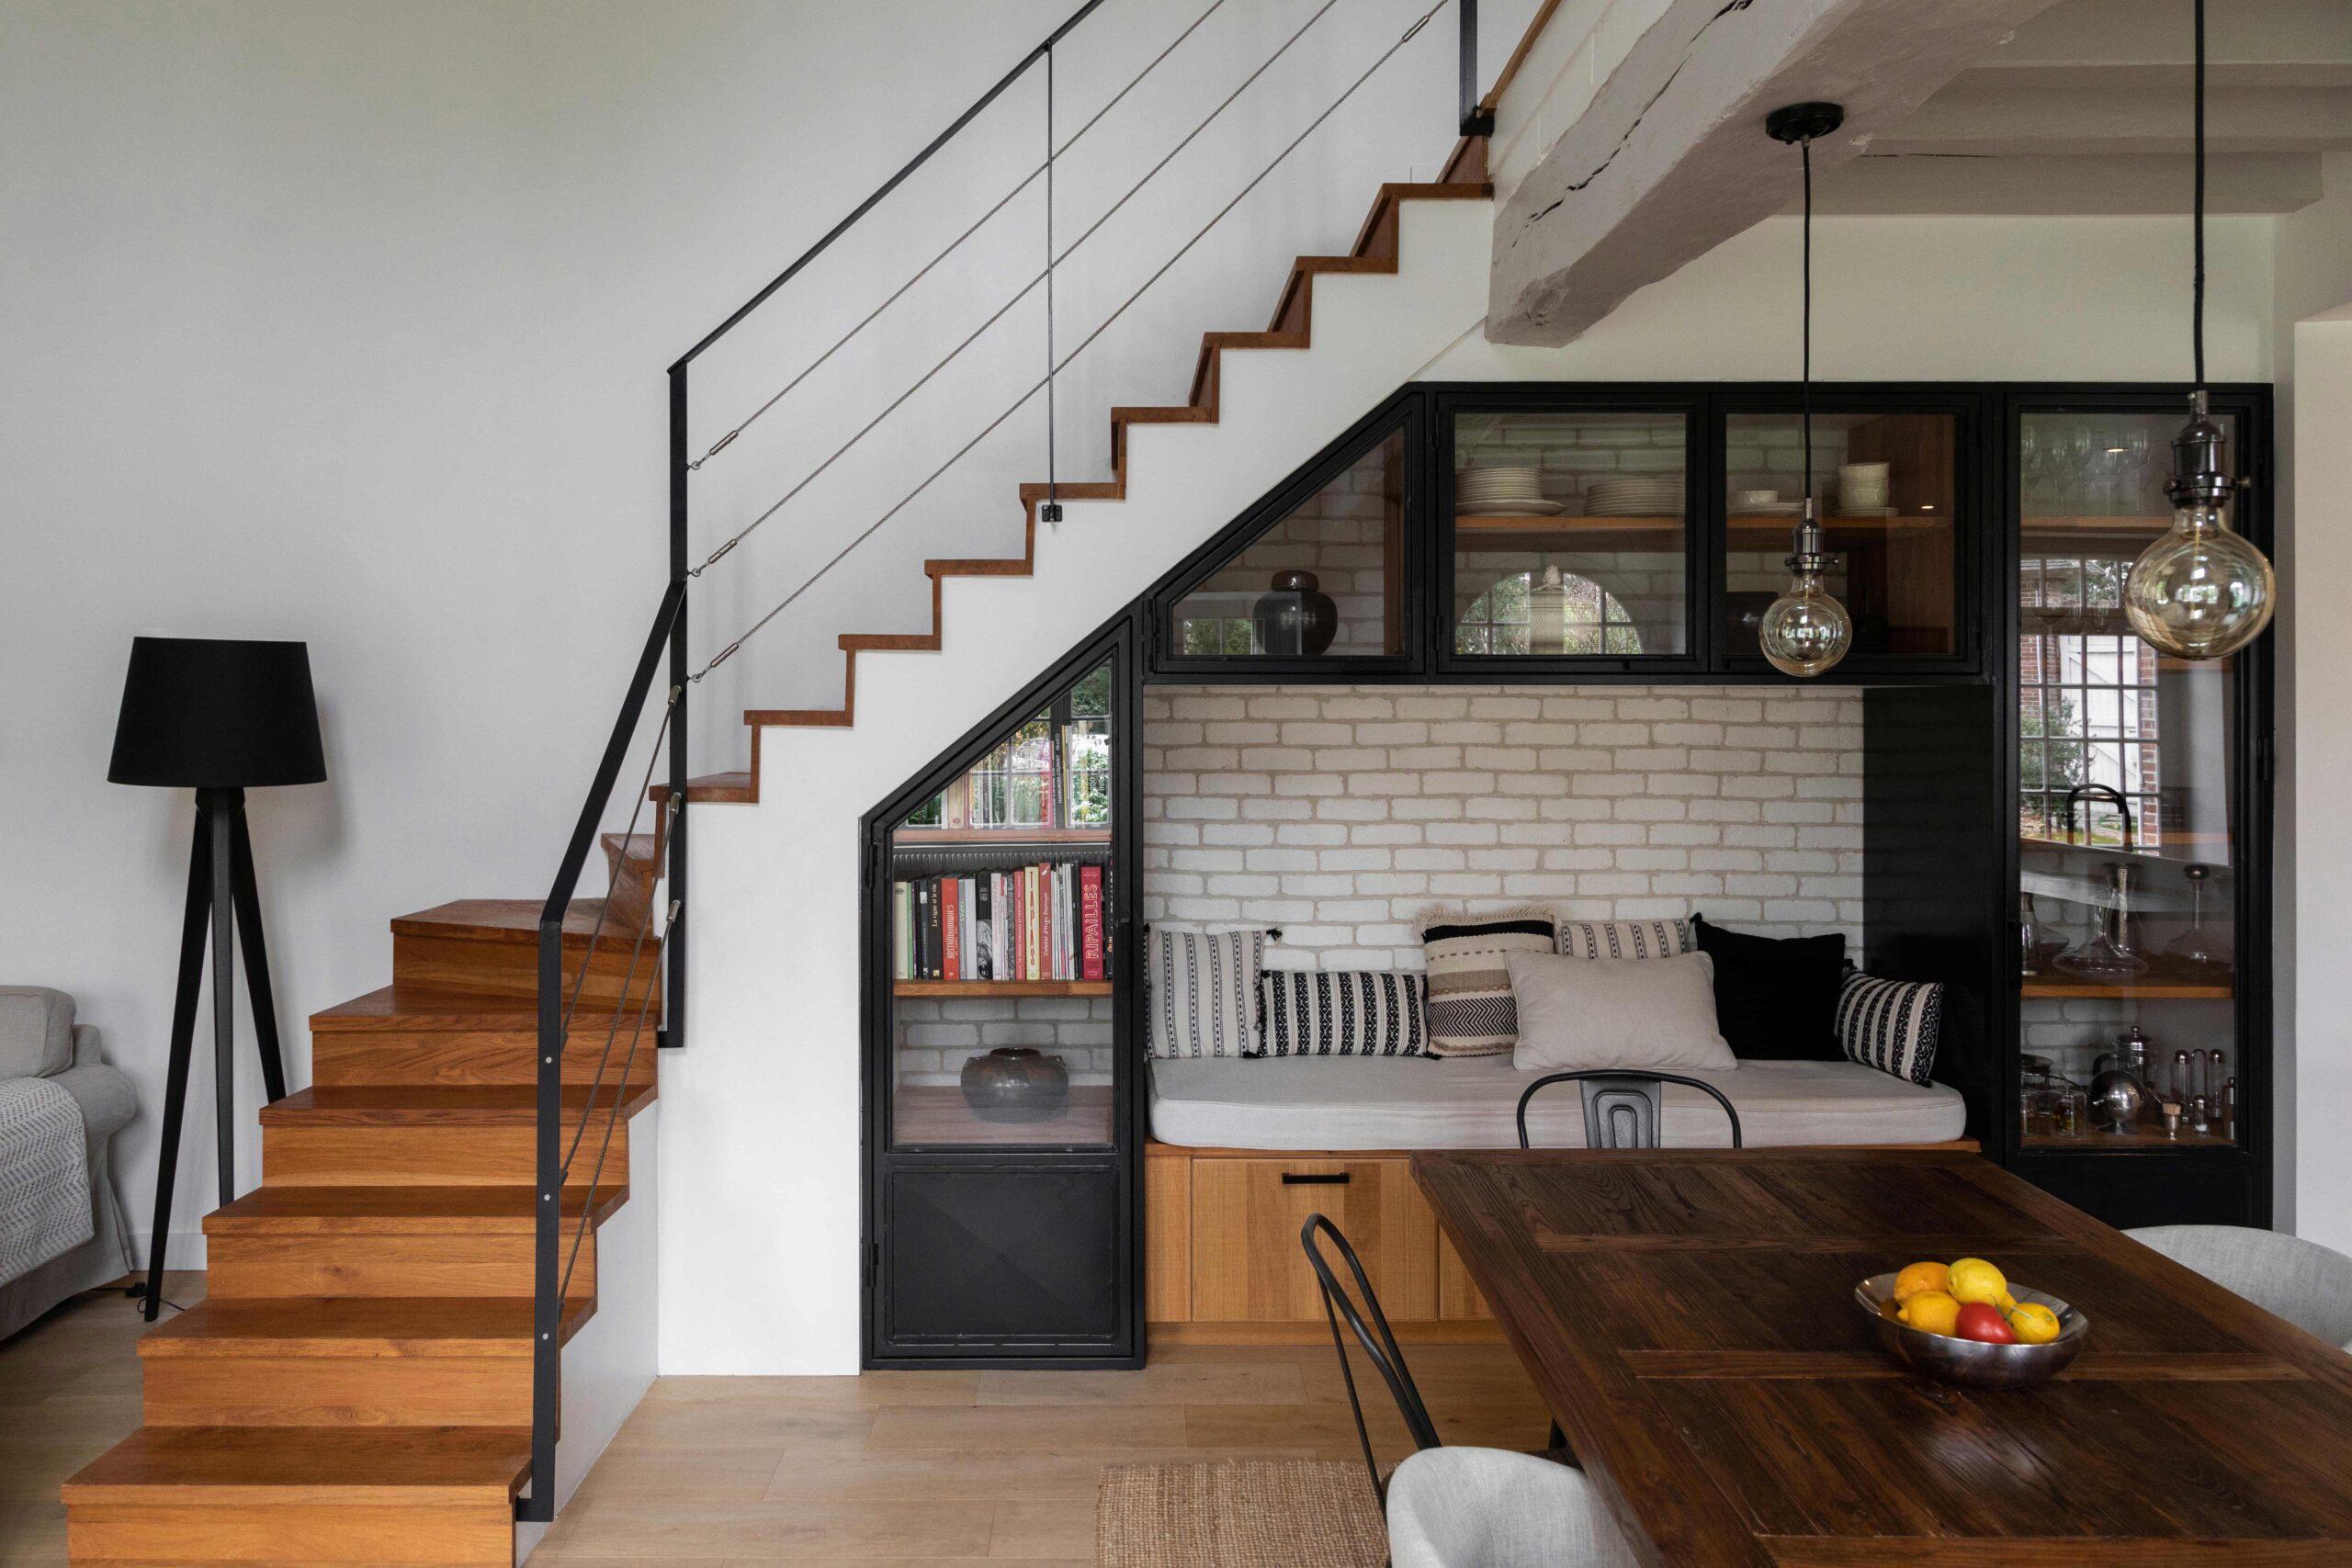 fontaine-eure-et-loir-renovation-maison-architecture-interieur-favresse-architectes-12-minbd